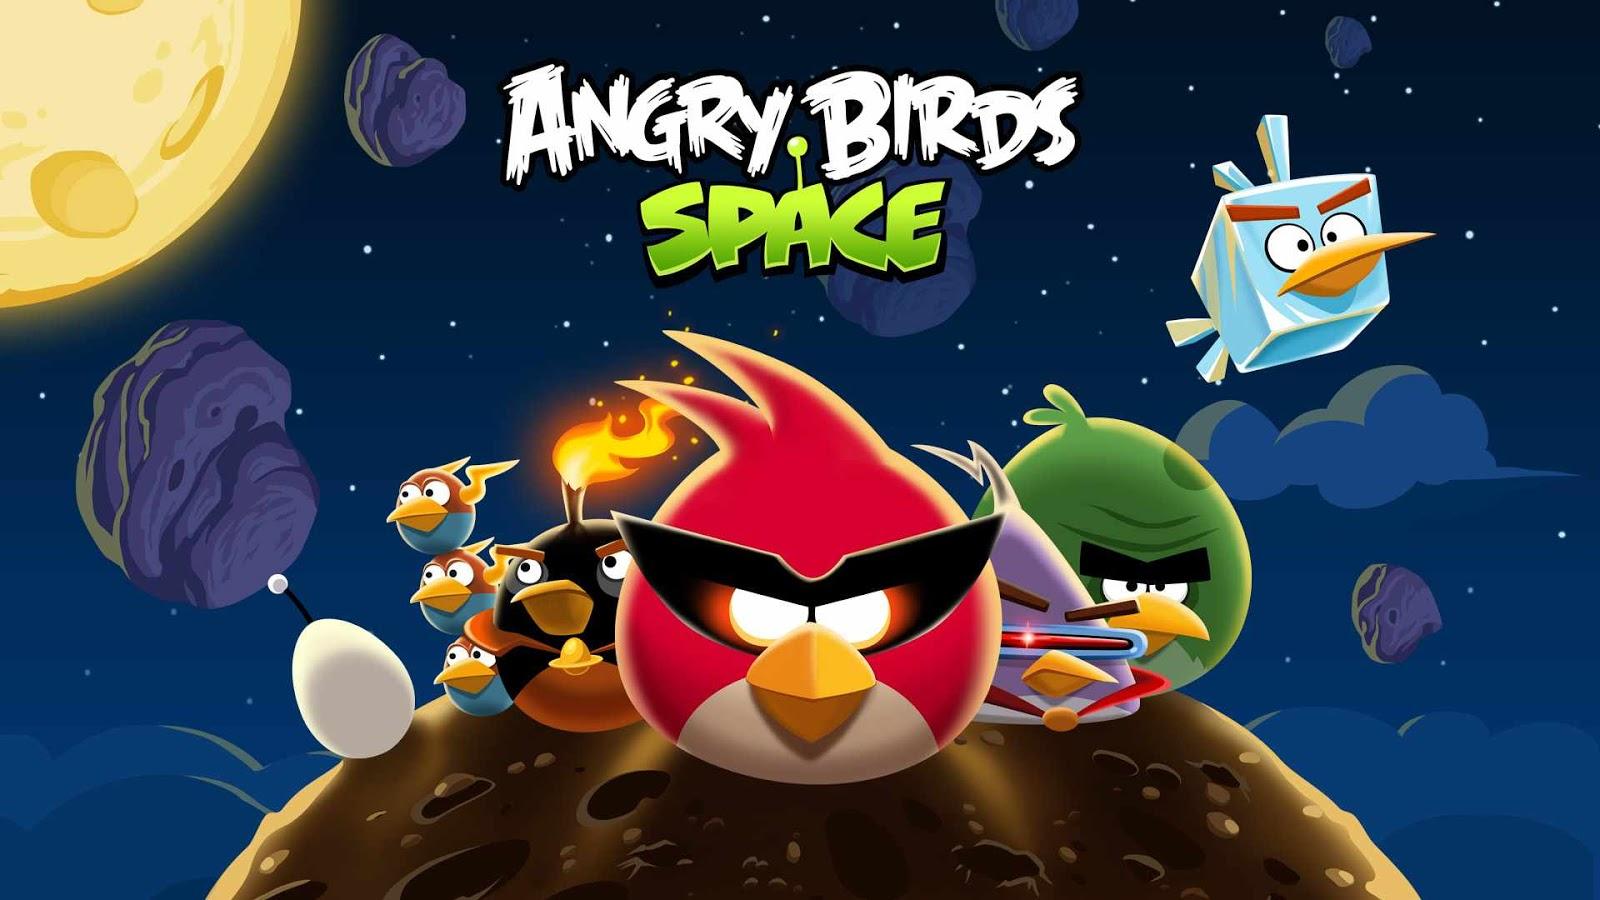 http://4.bp.blogspot.com/-Jnb6hJF5IgI/UNJ9psYLXnI/AAAAAAAAAbs/igHVLOJr6as/s1600/angry%2Bbirds%2Bspace%2Bfor%2Bnokia%2Basha.jpg